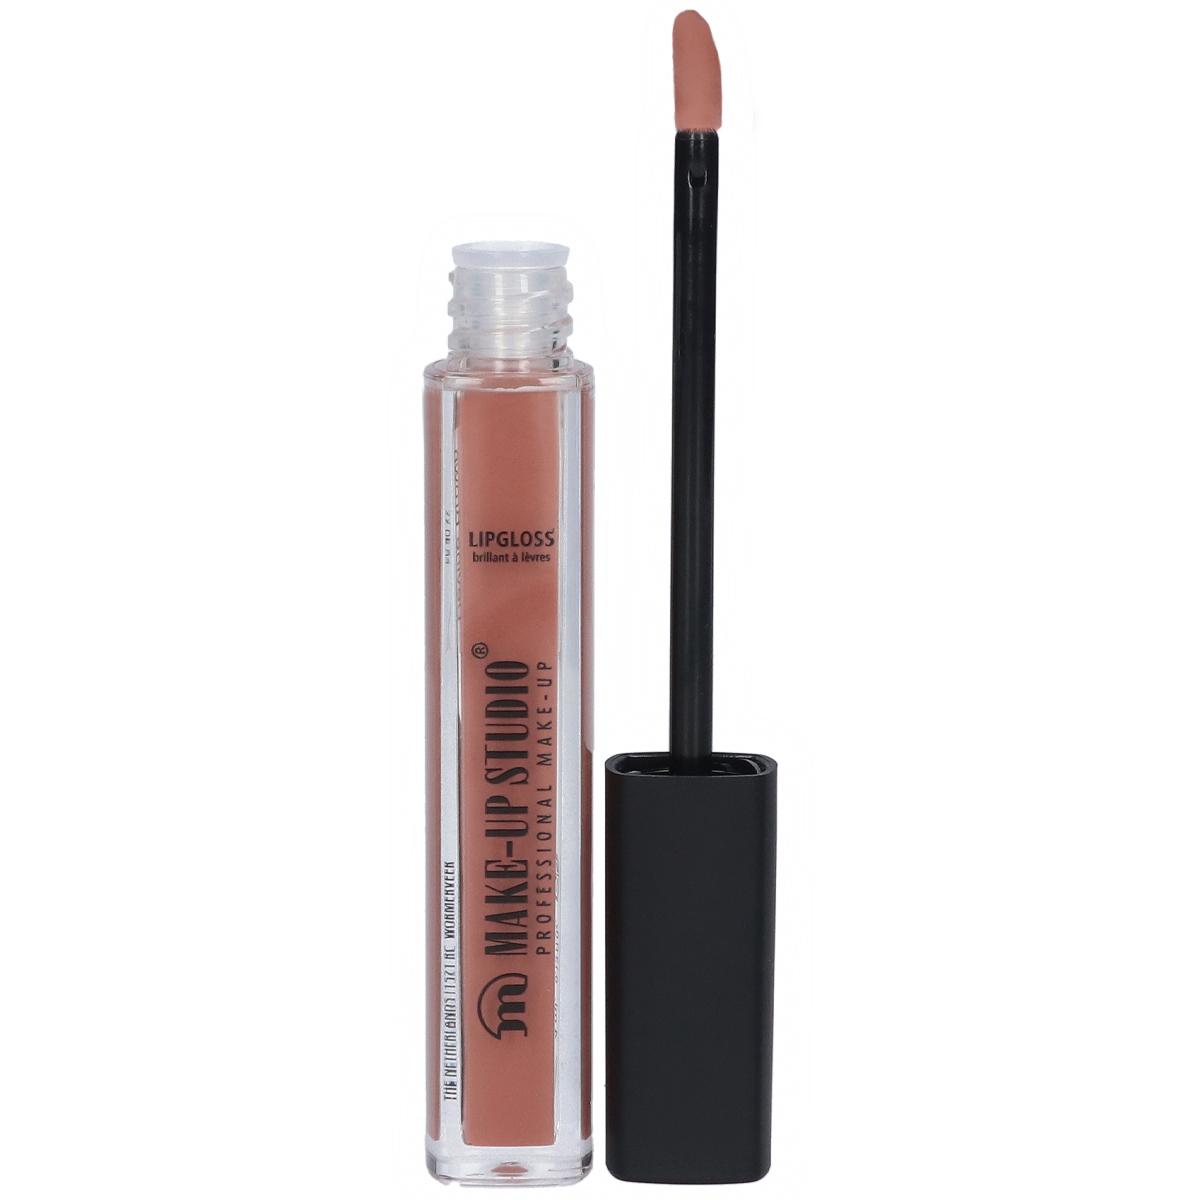 Lip Glaze Lipgloss - Devine Brown